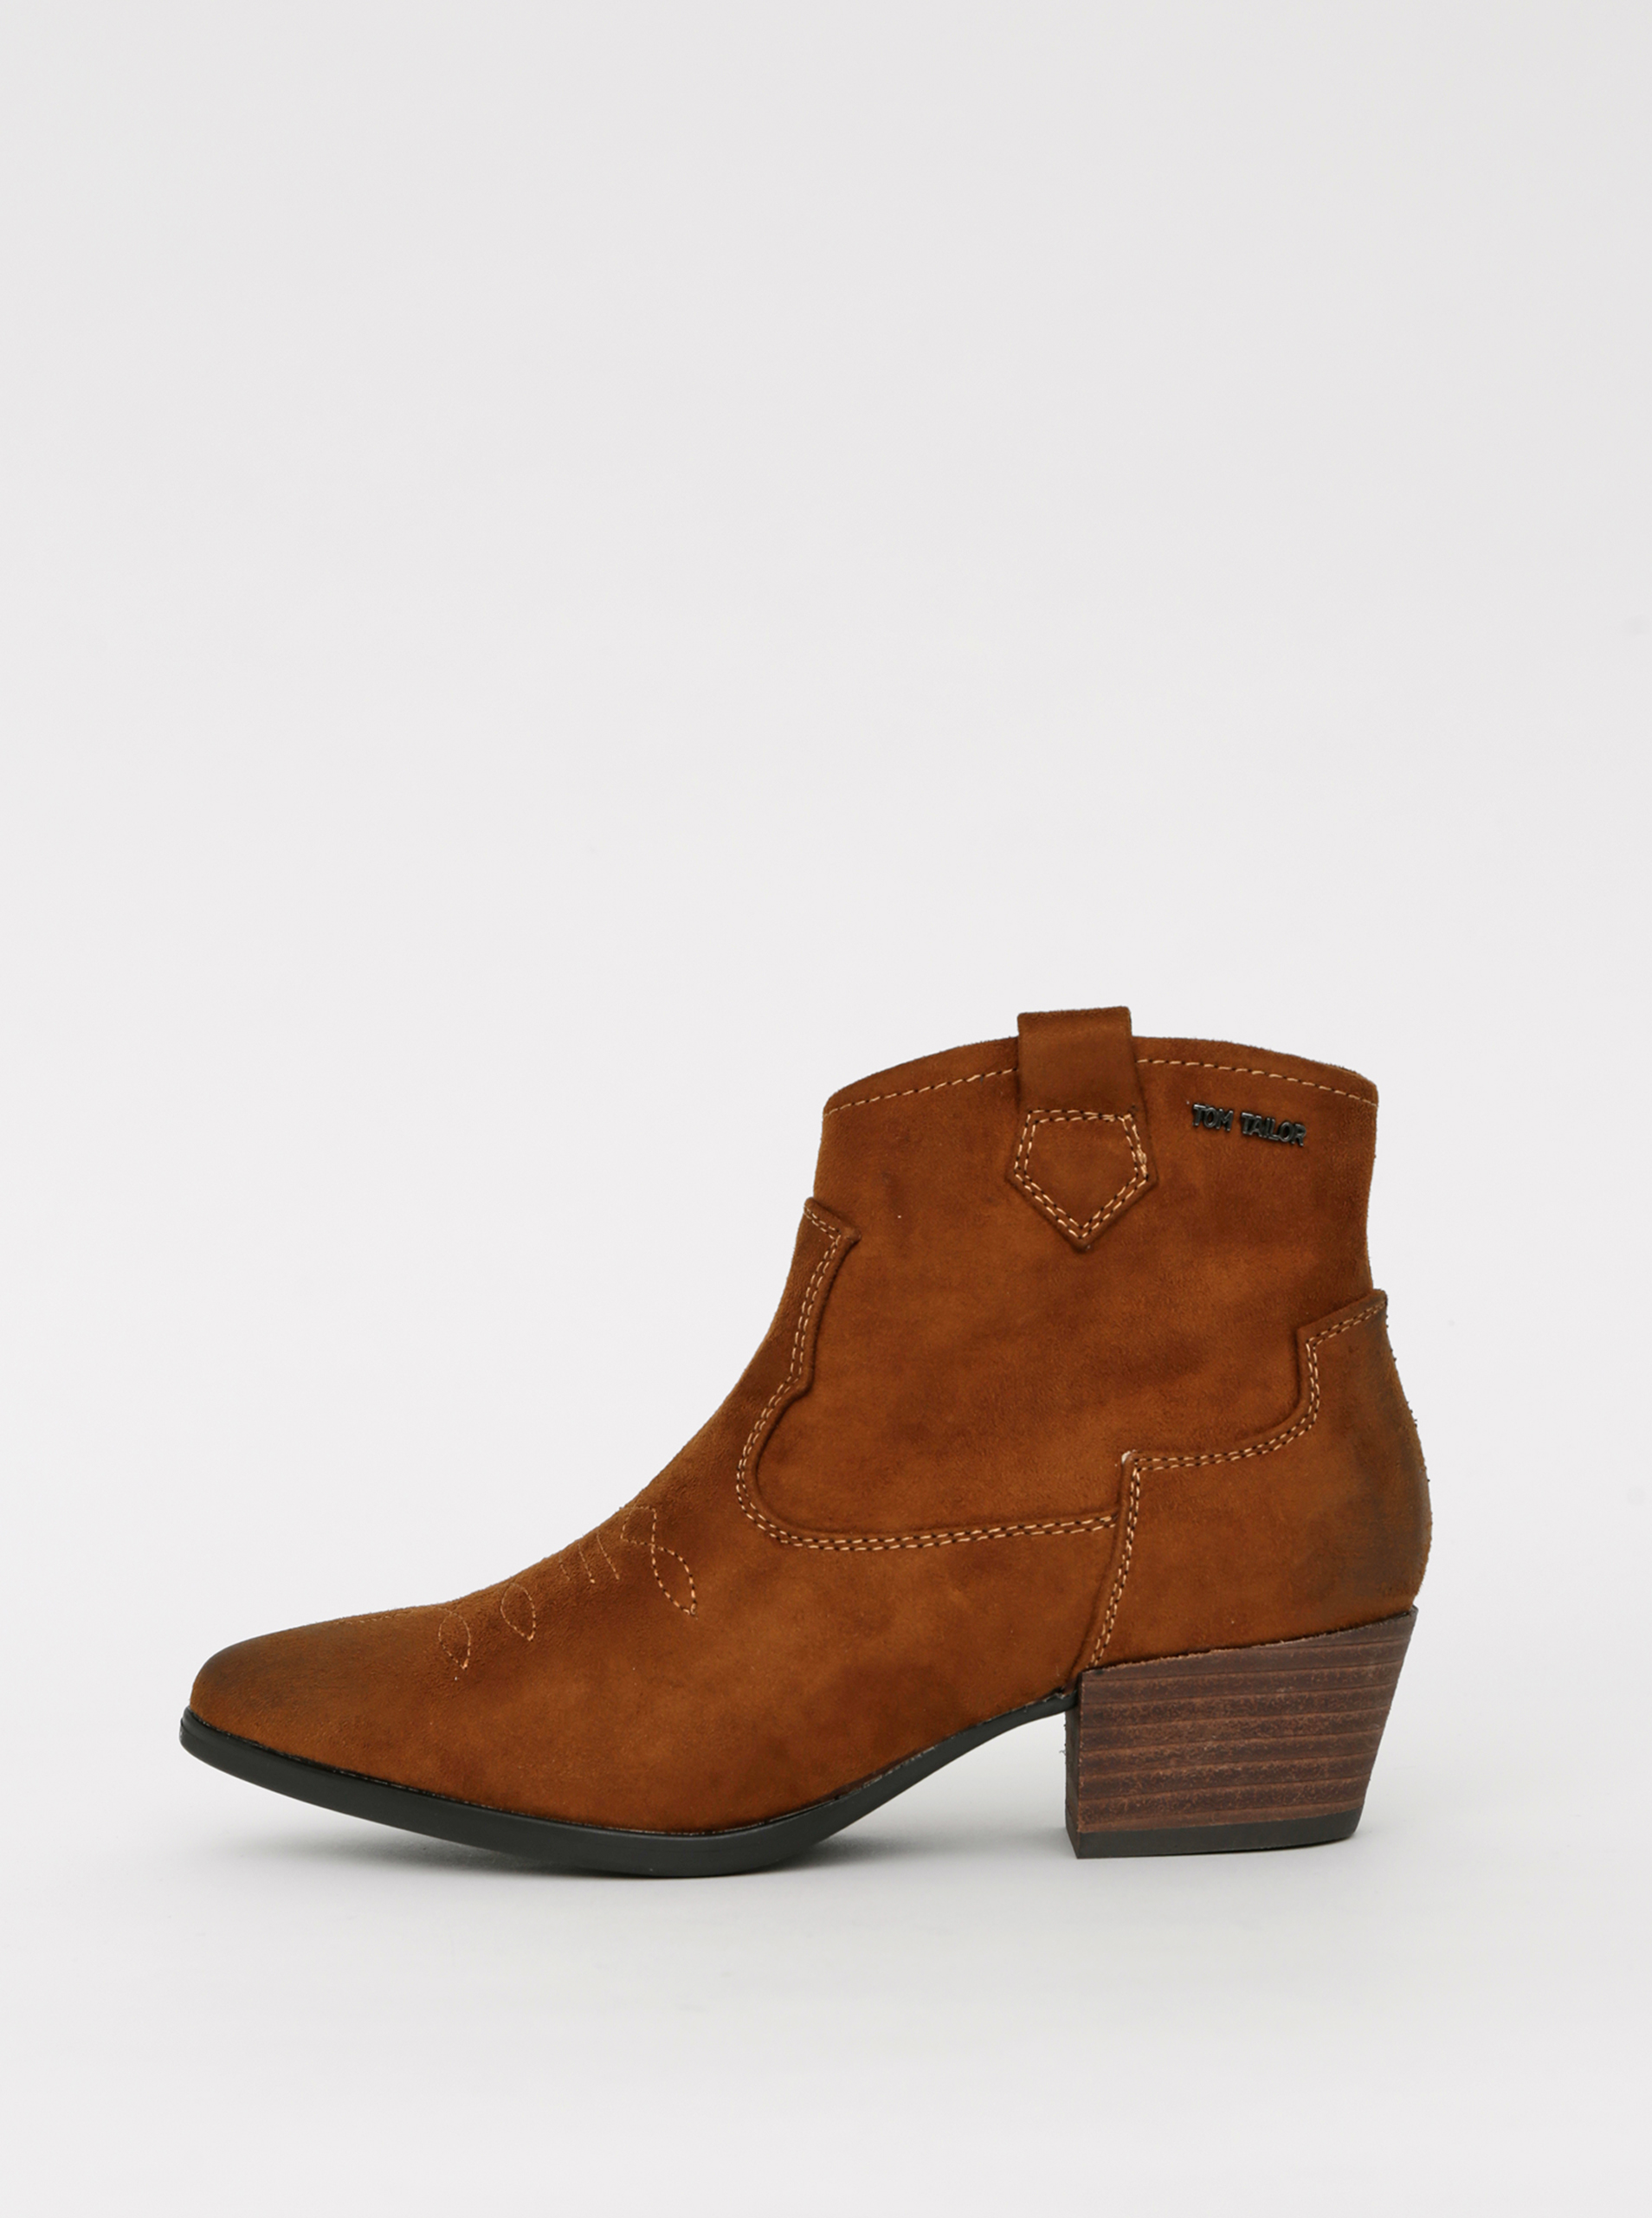 Hnedé dámske členkové topánky v semišové úprave Tom Tailor - 37